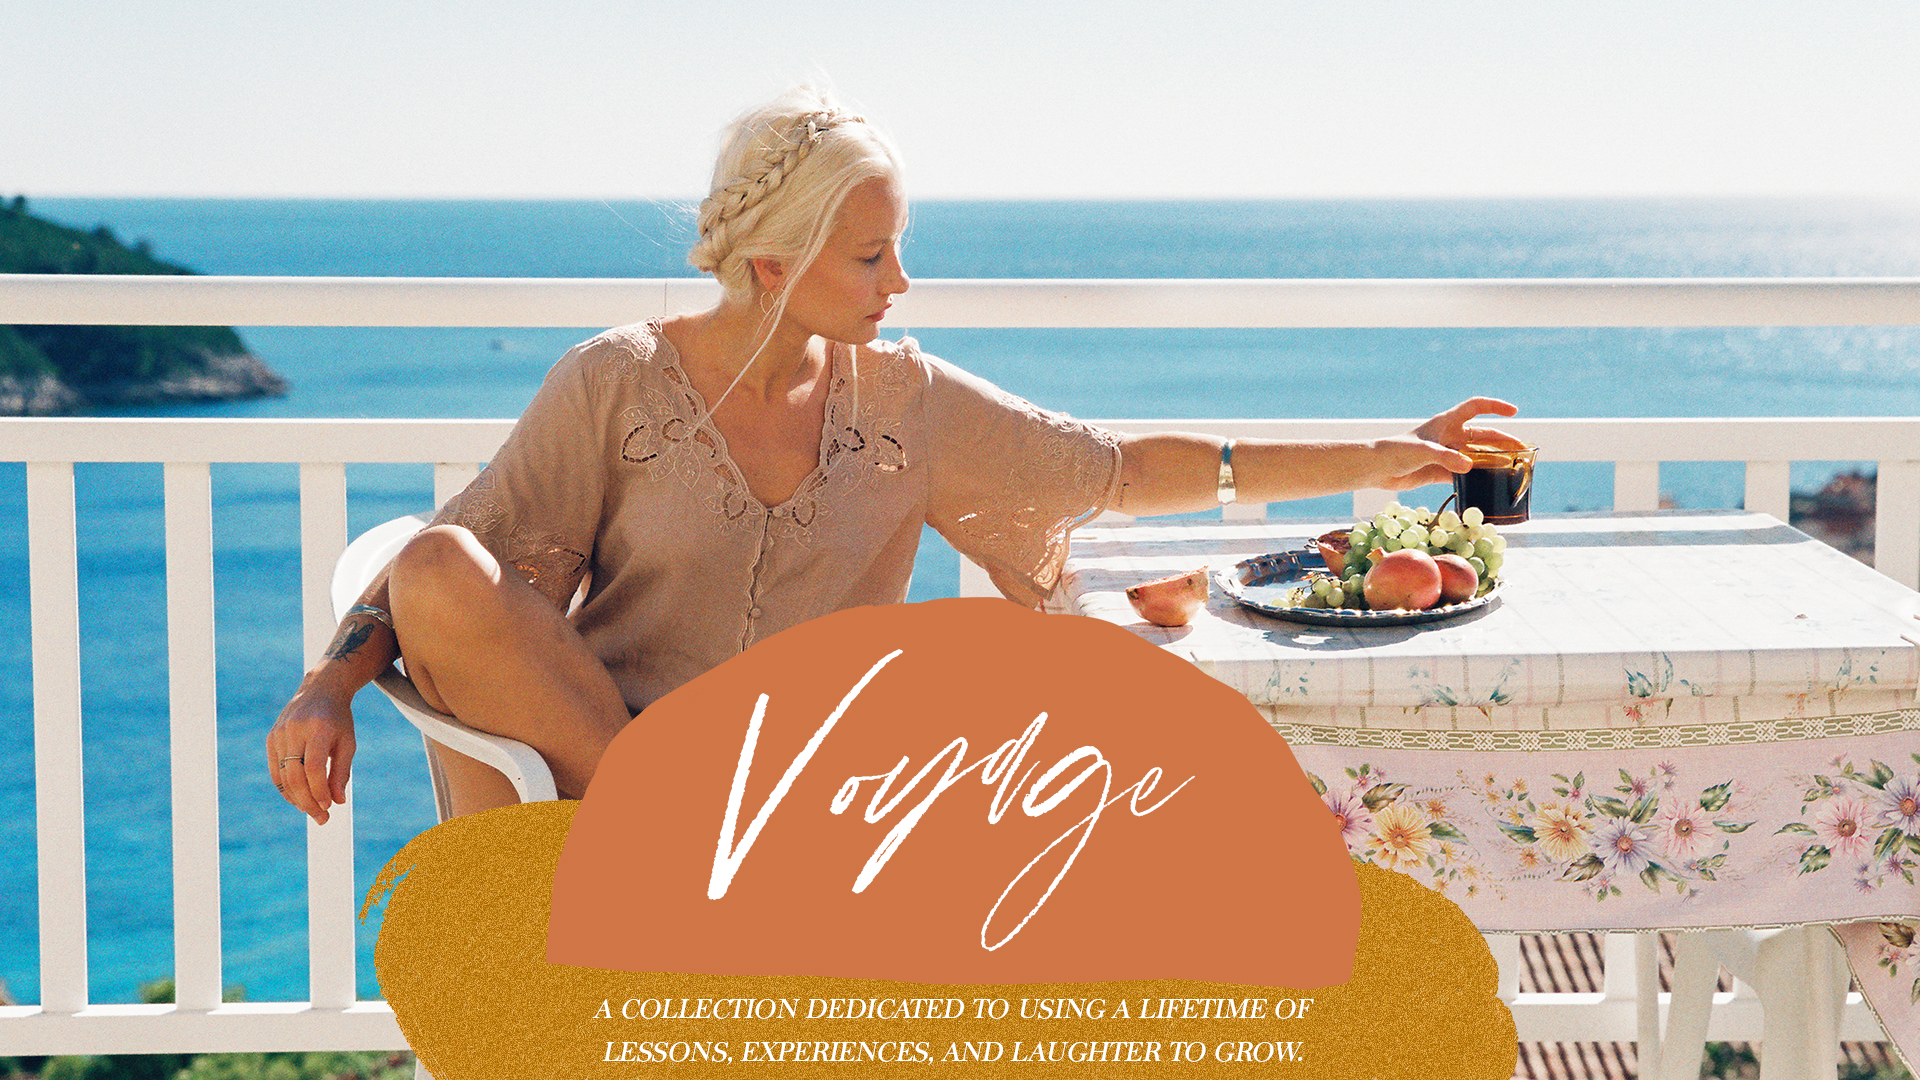 Website_Voyage.jpg